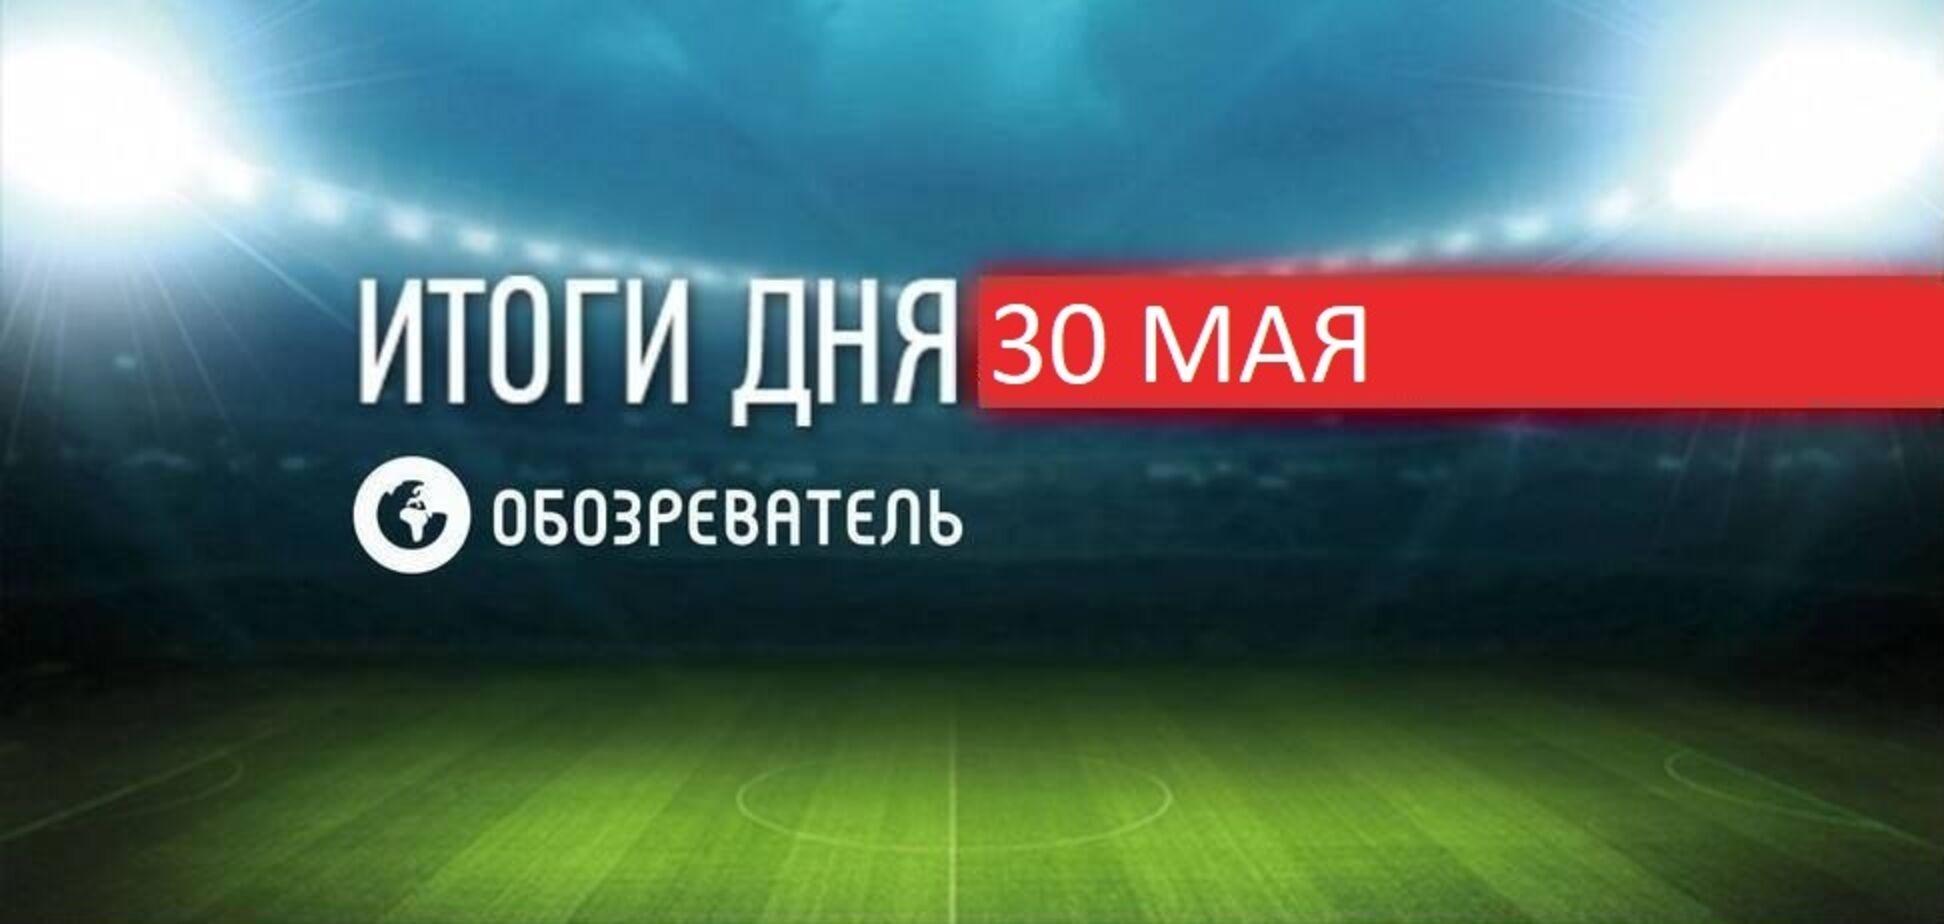 Новости спорта 30 мая: в клубе Милевского назвали минимальную зарплату футболиста